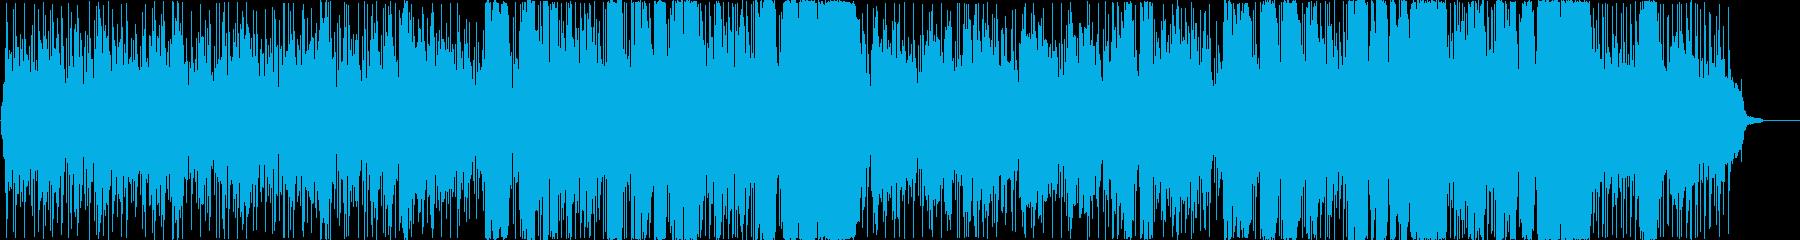 懐かしい感じのPOPSの再生済みの波形